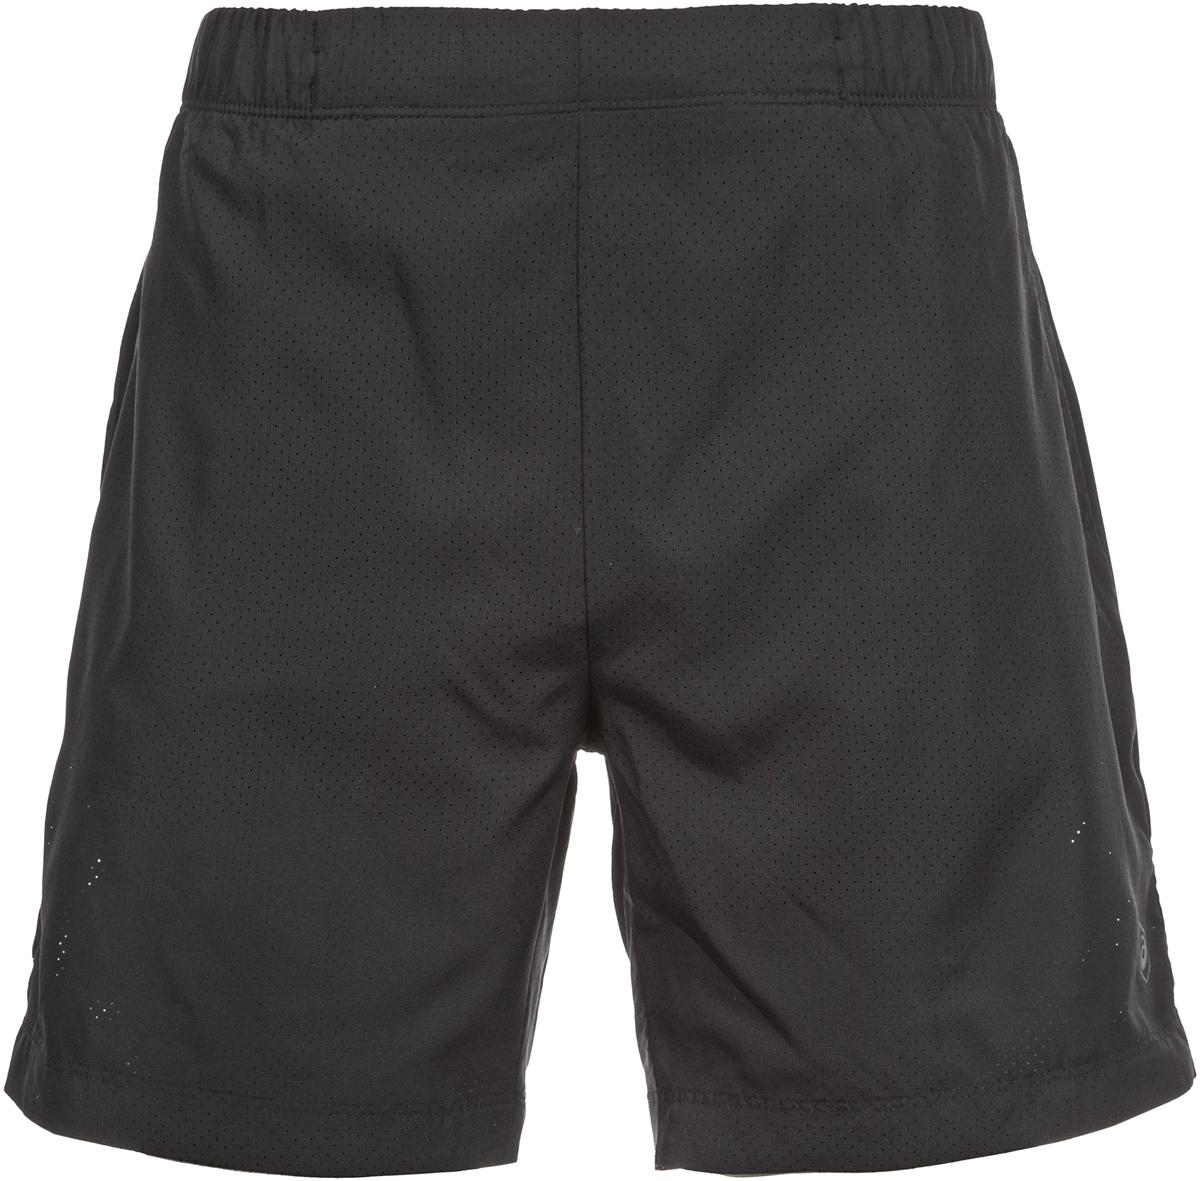 Шорты мужские Asics Fuzex 7In Short, цвет: черный. 141243-0946. Размер M (48/50)141243-0946Эти шорты от Asics обеспечат вам комфорт во время пробежек и занятий, благодаря мягкой. Светоотражающий логотип Asics.